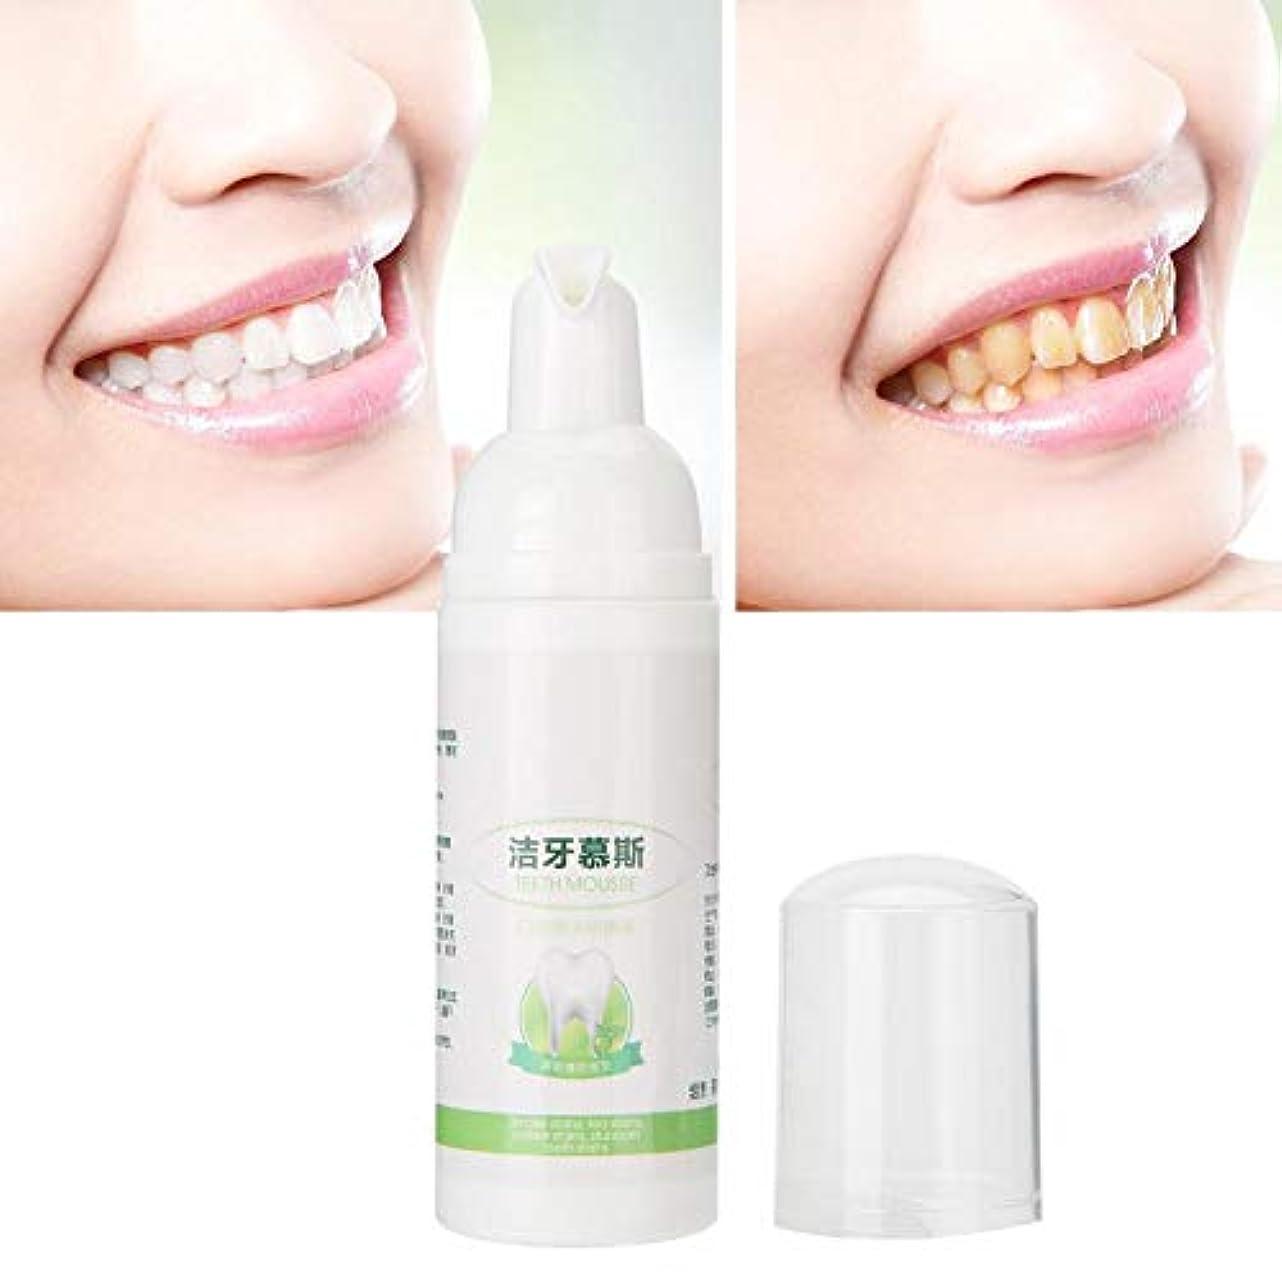 配置番号不利口腔衛生ケア歯のクリーニングホワイトニングムース口腔口臭口芳香剤スプレー60 ml